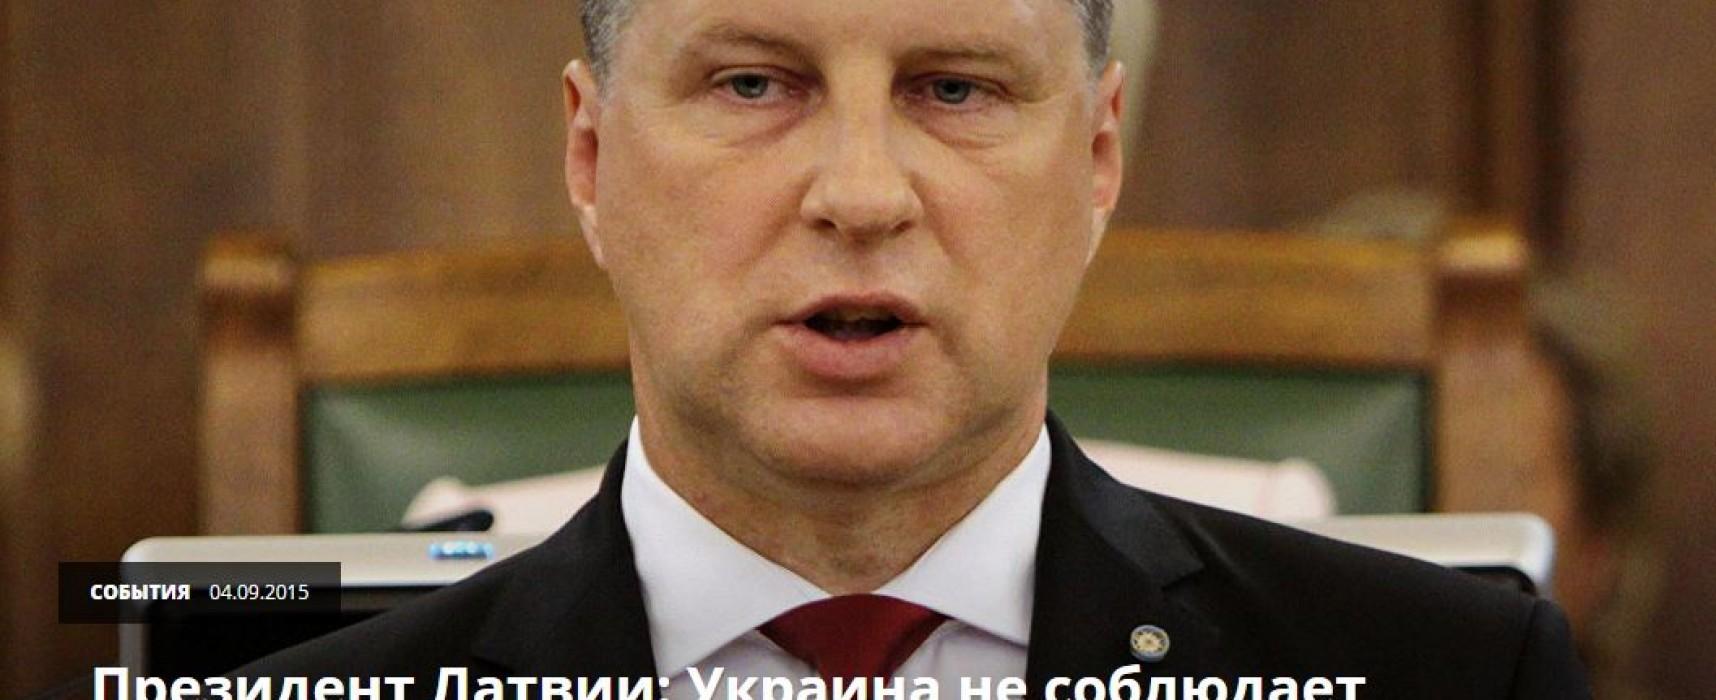 Los medios rusos tergiversaron el discurso del presidente de Letonia sobre los Acuerdos de Minsk